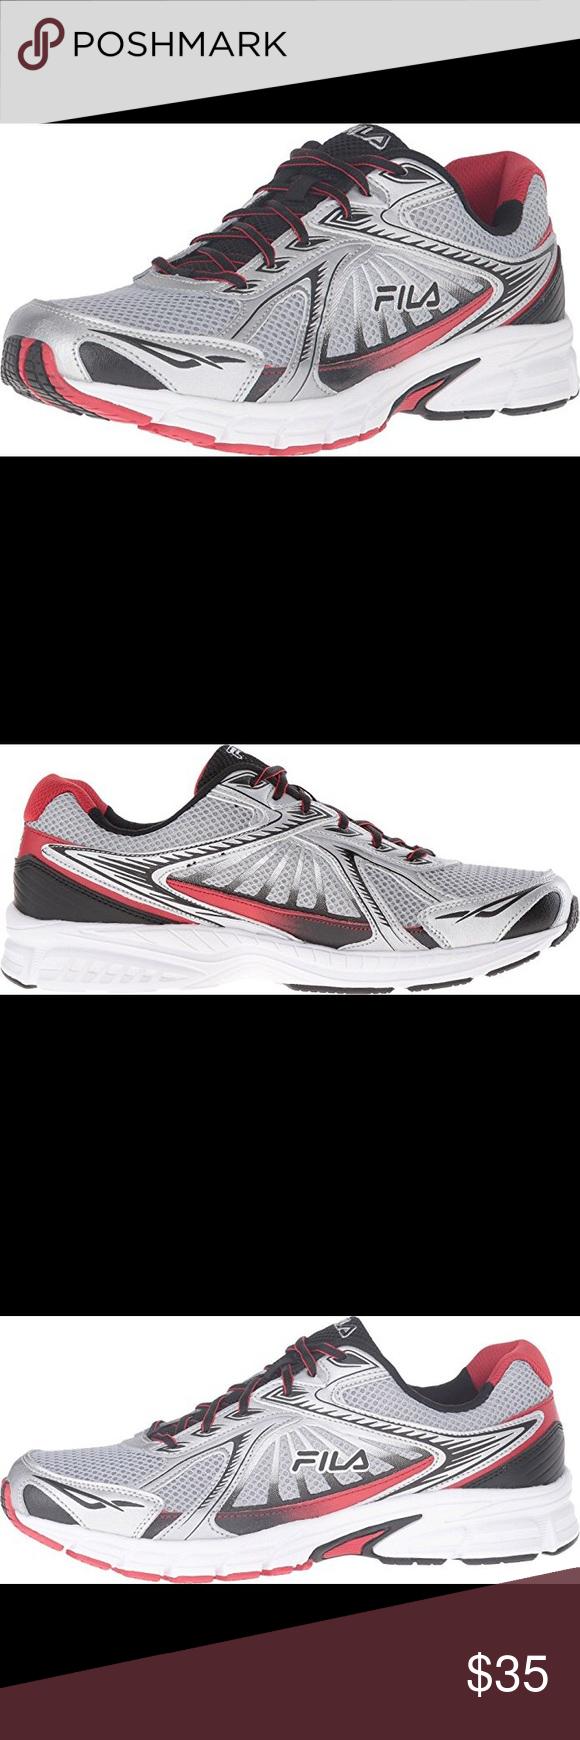 b1a6e7a1374ee NIB FILA's Men's OMNISPEED sneakers, size 10.5 NIB FILA's Men's red ...